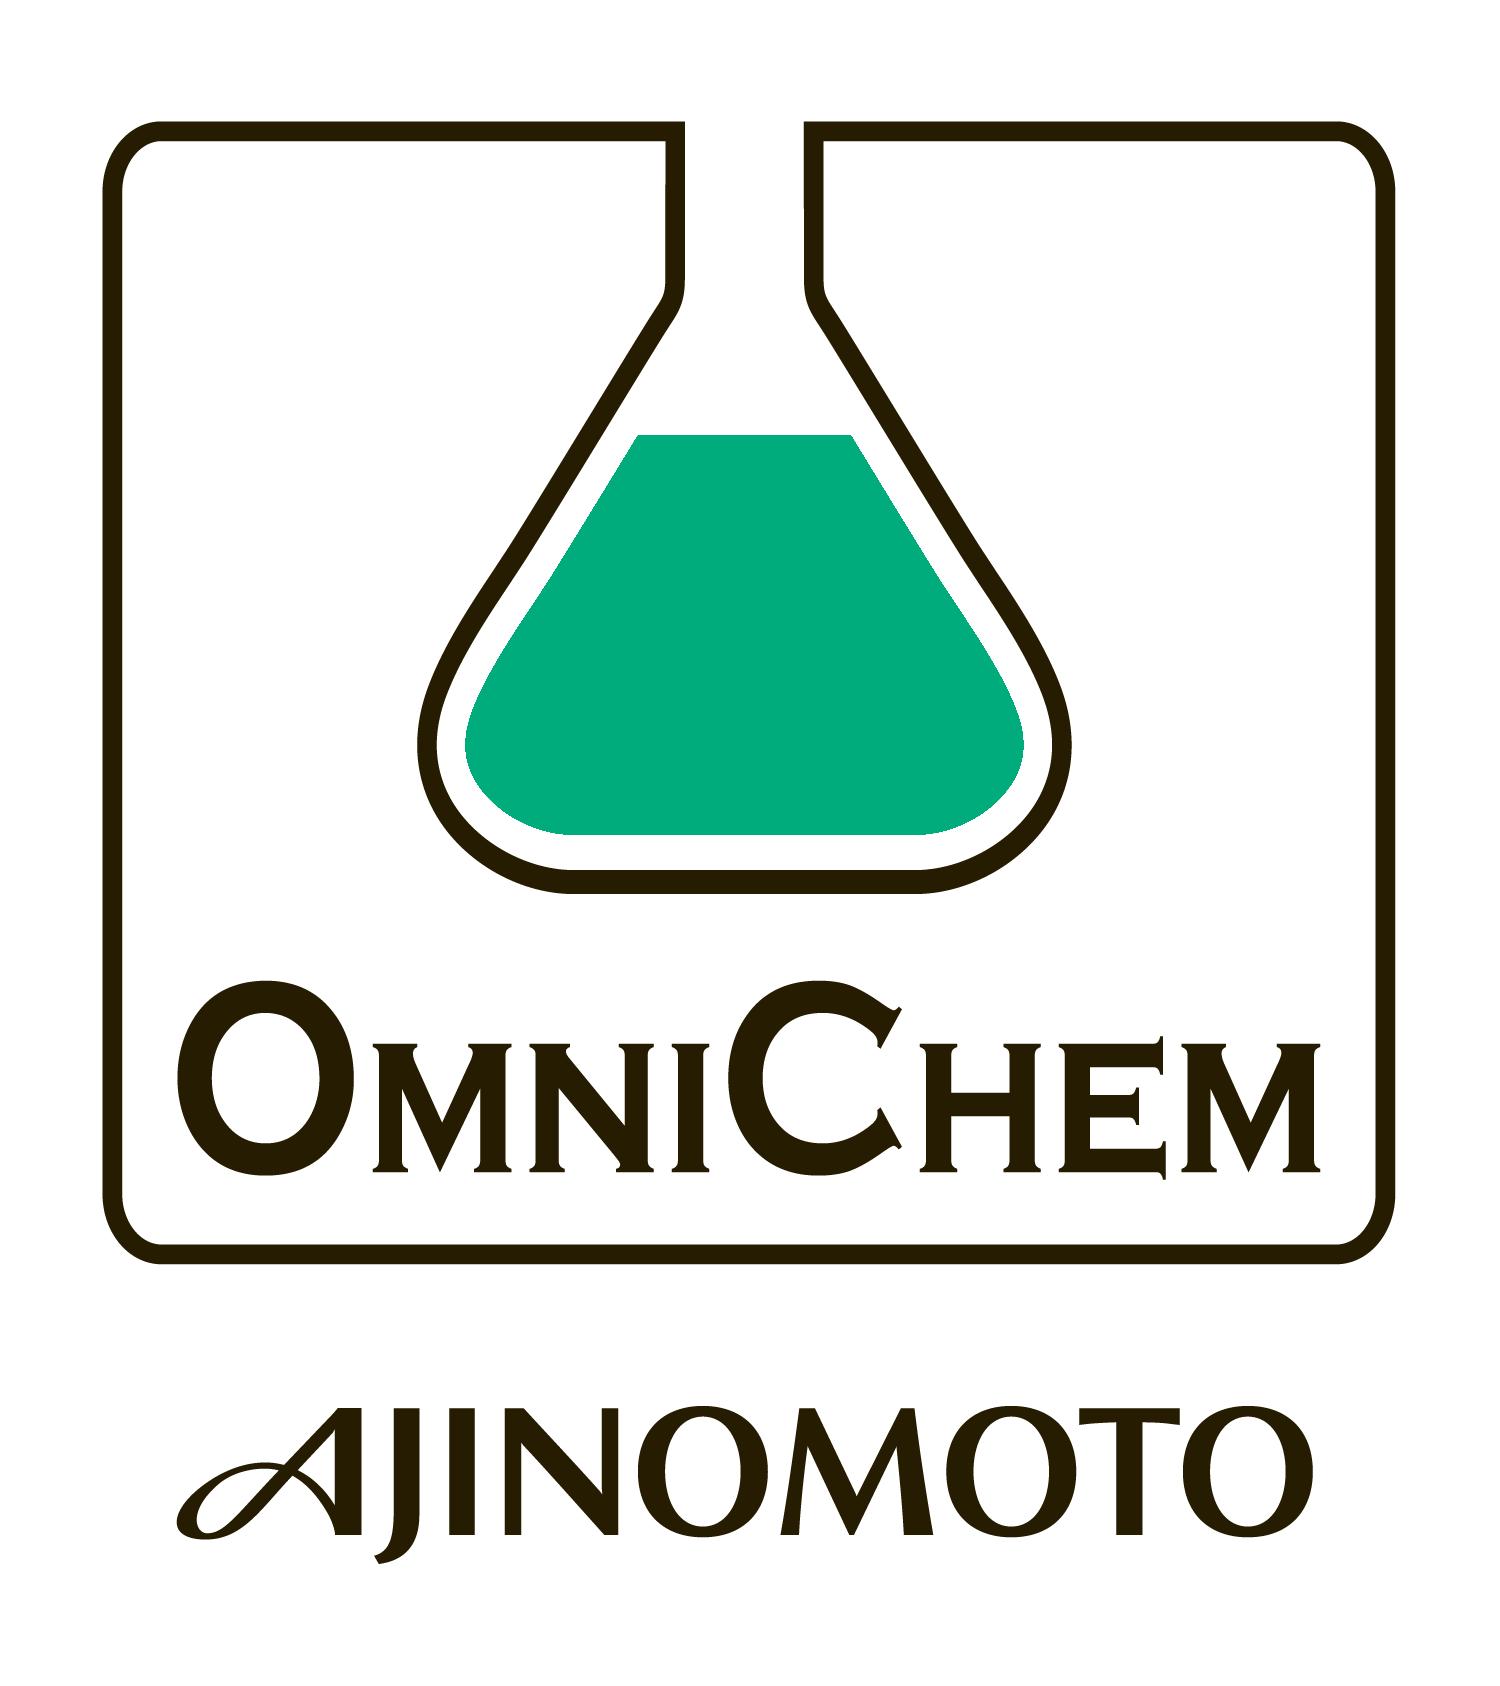 Ajinomoto OmniChem NV